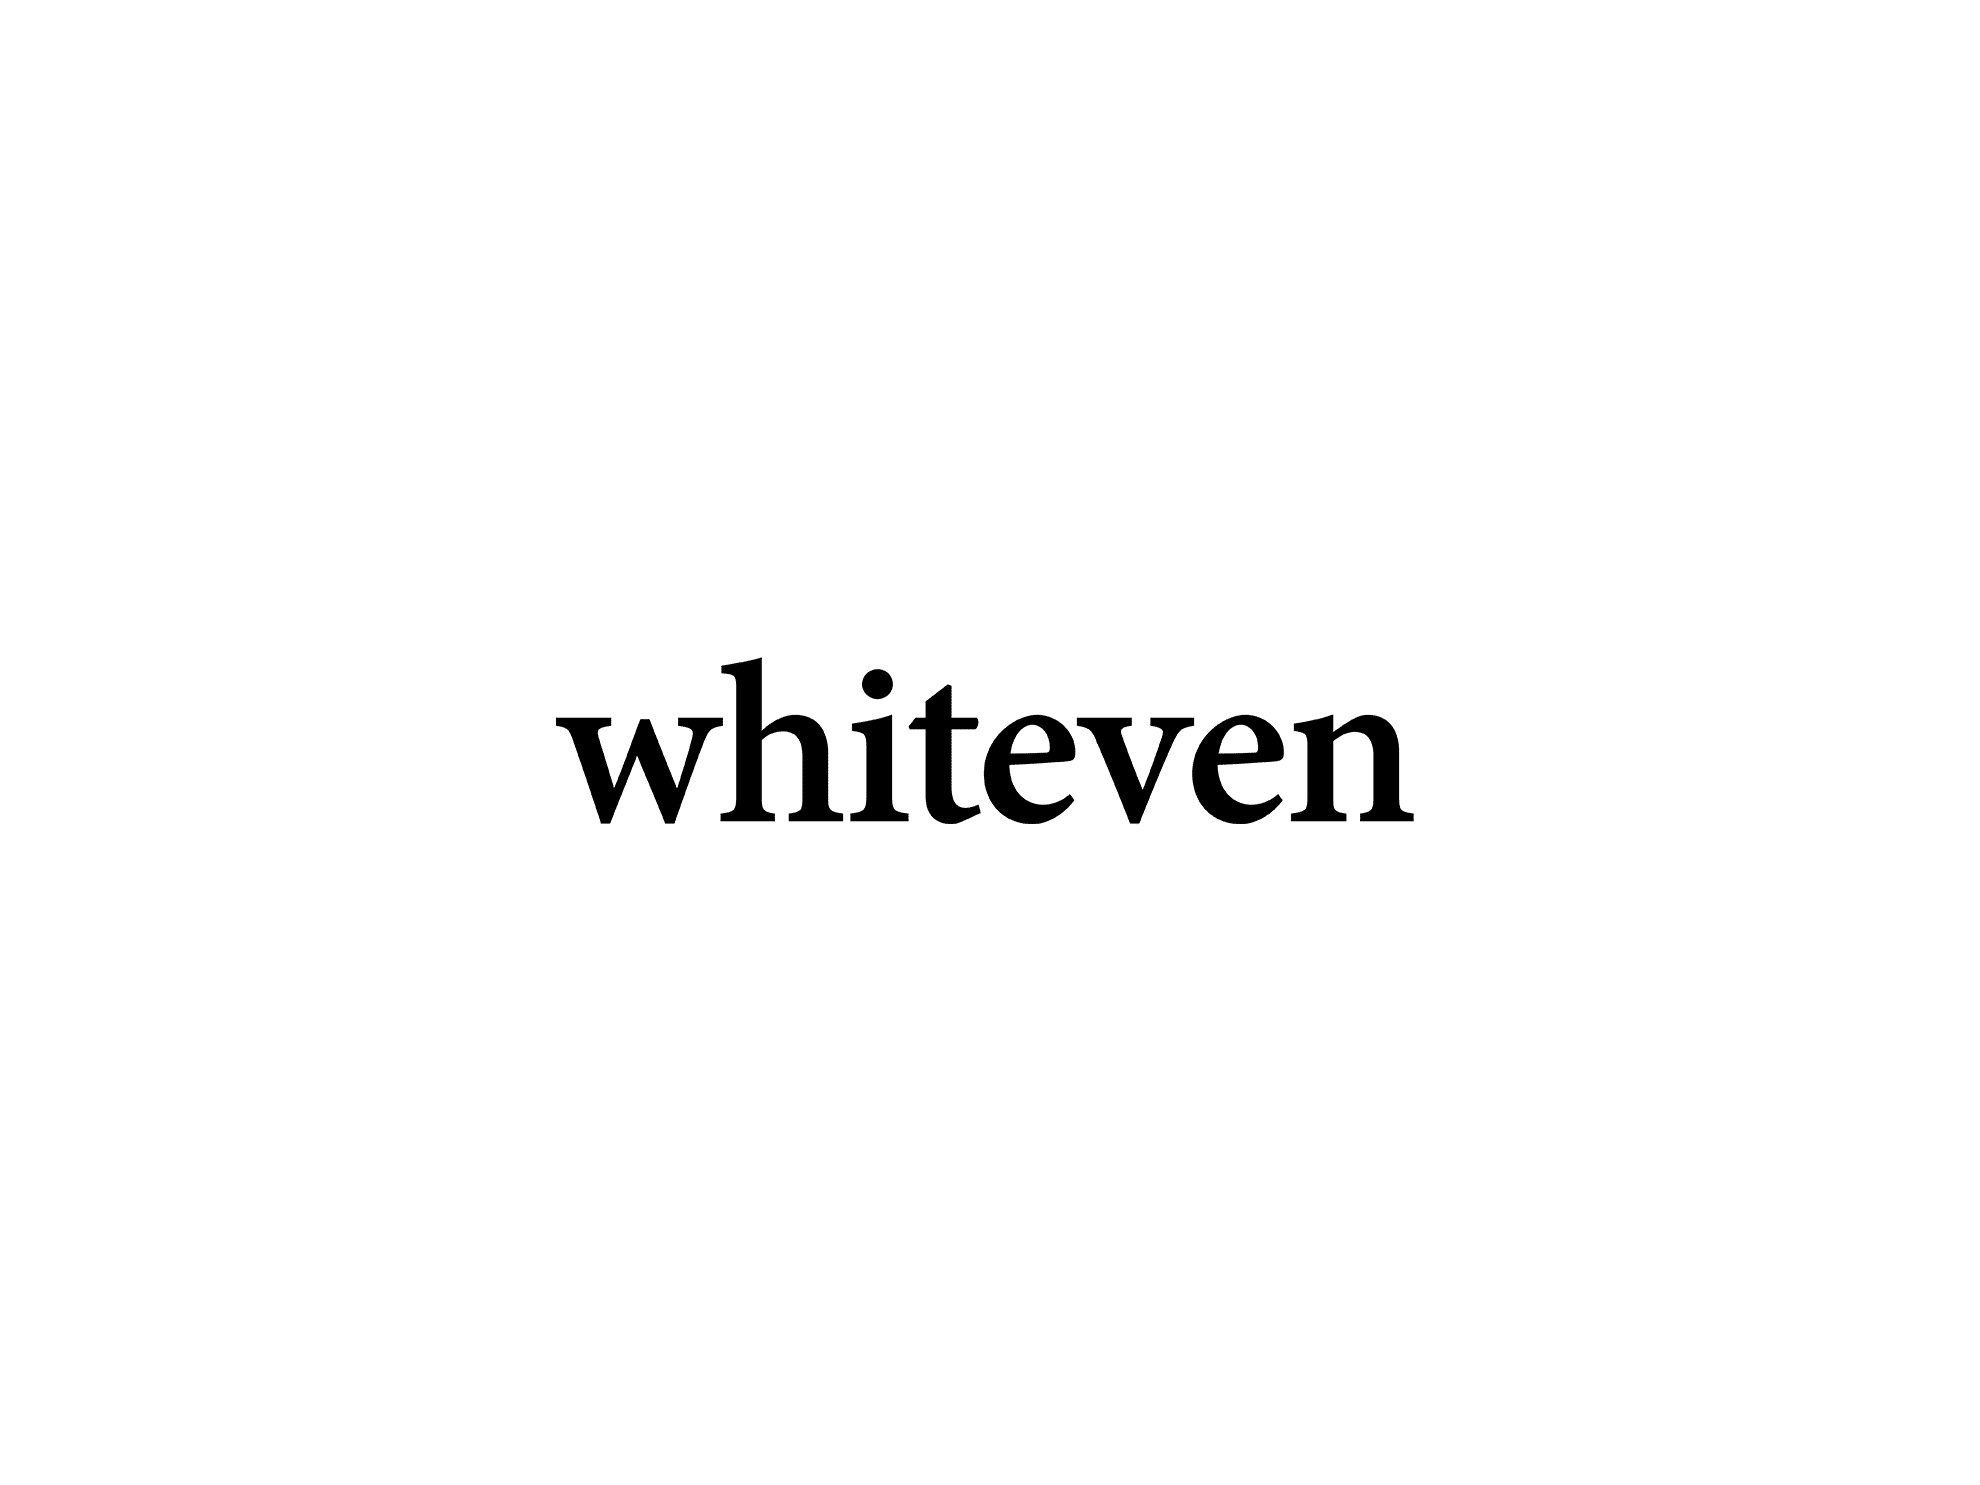 Whiteven - lascia - agenzia comunicazione